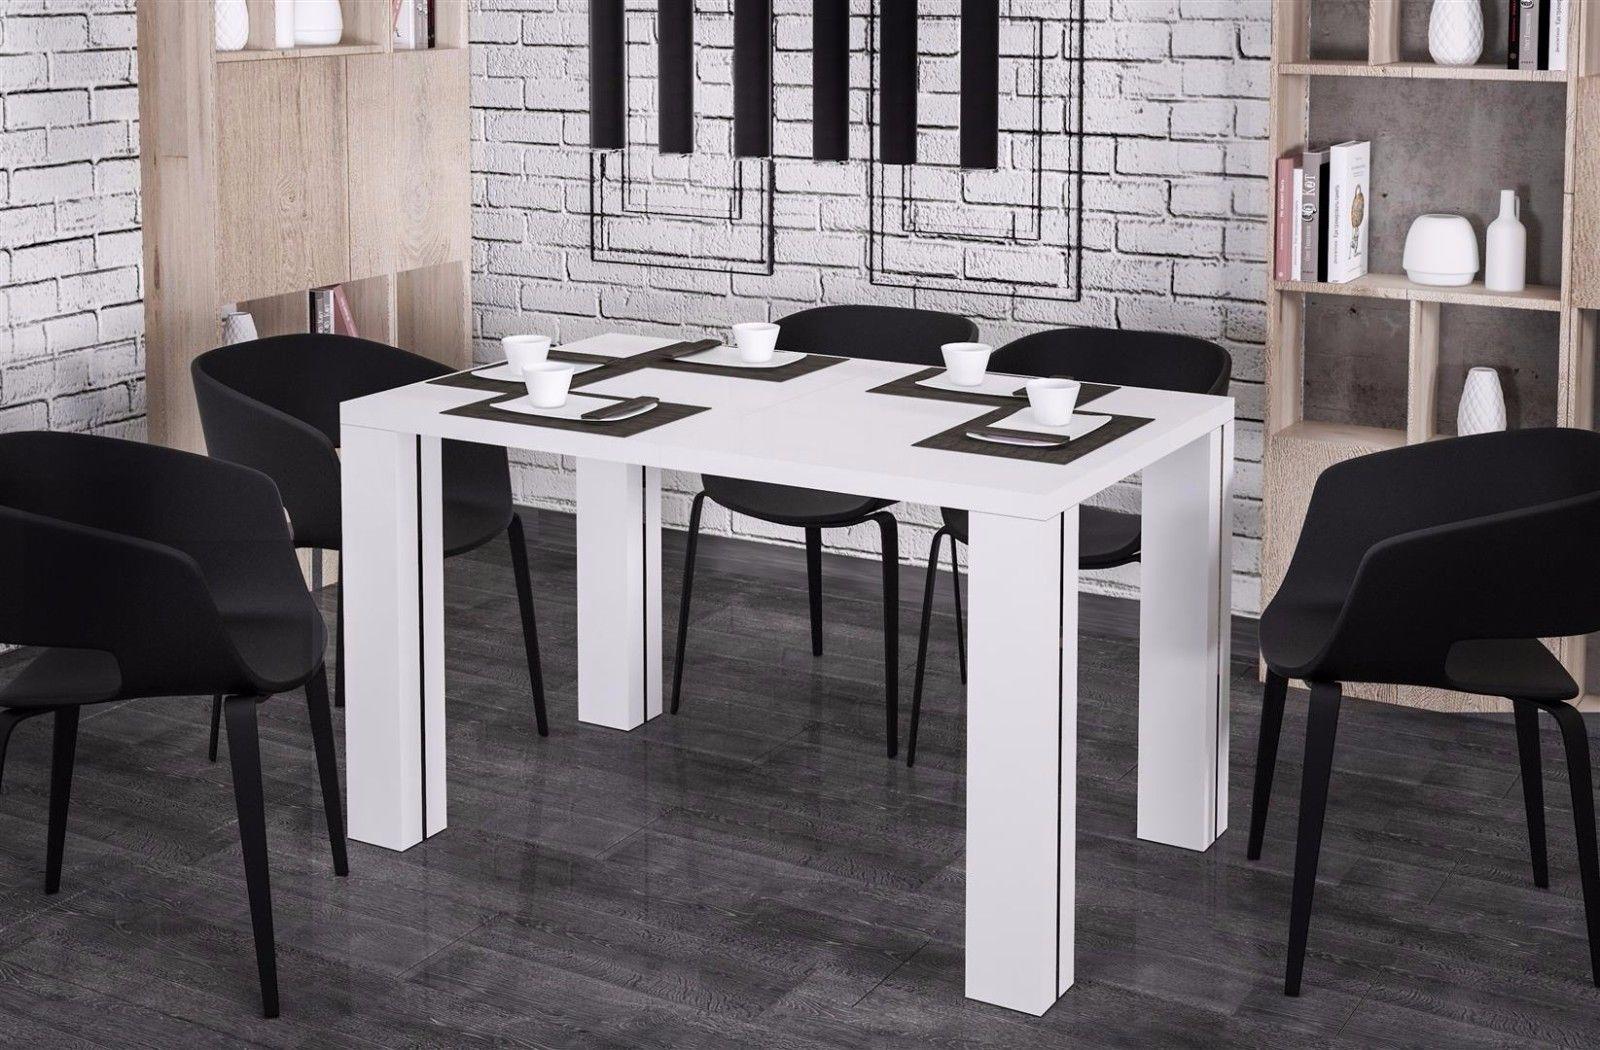 Hochwertiger Esstisch 130 265 Cm Ausziehbar Hochglanz Weiß Esszimmertisch  Design